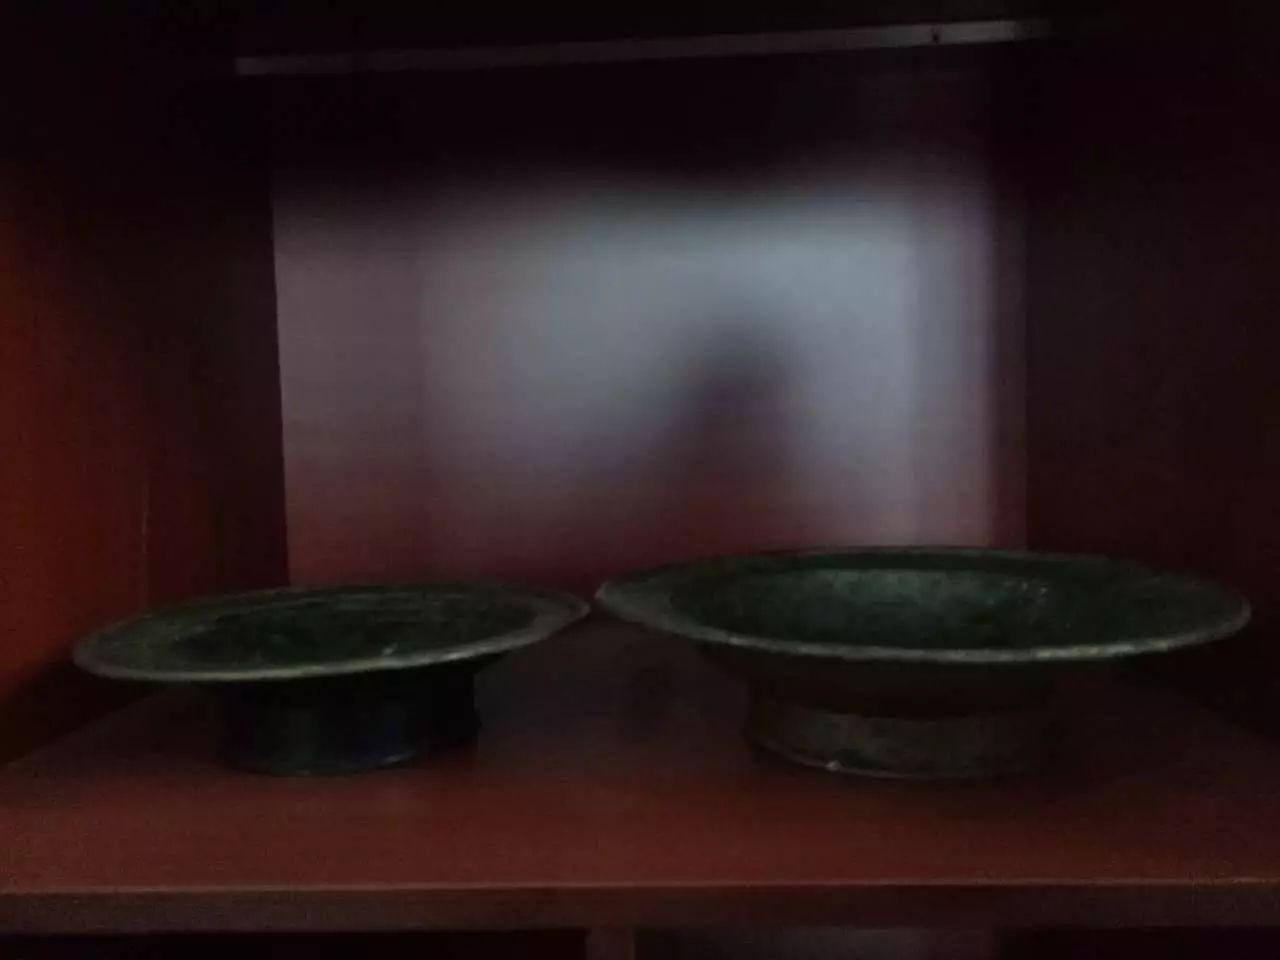 蒙古族青年宝尔金创办民俗文化展厅,看看都收藏了哪些物件? 第7张 蒙古族青年宝尔金创办民俗文化展厅,看看都收藏了哪些物件? 蒙古工艺